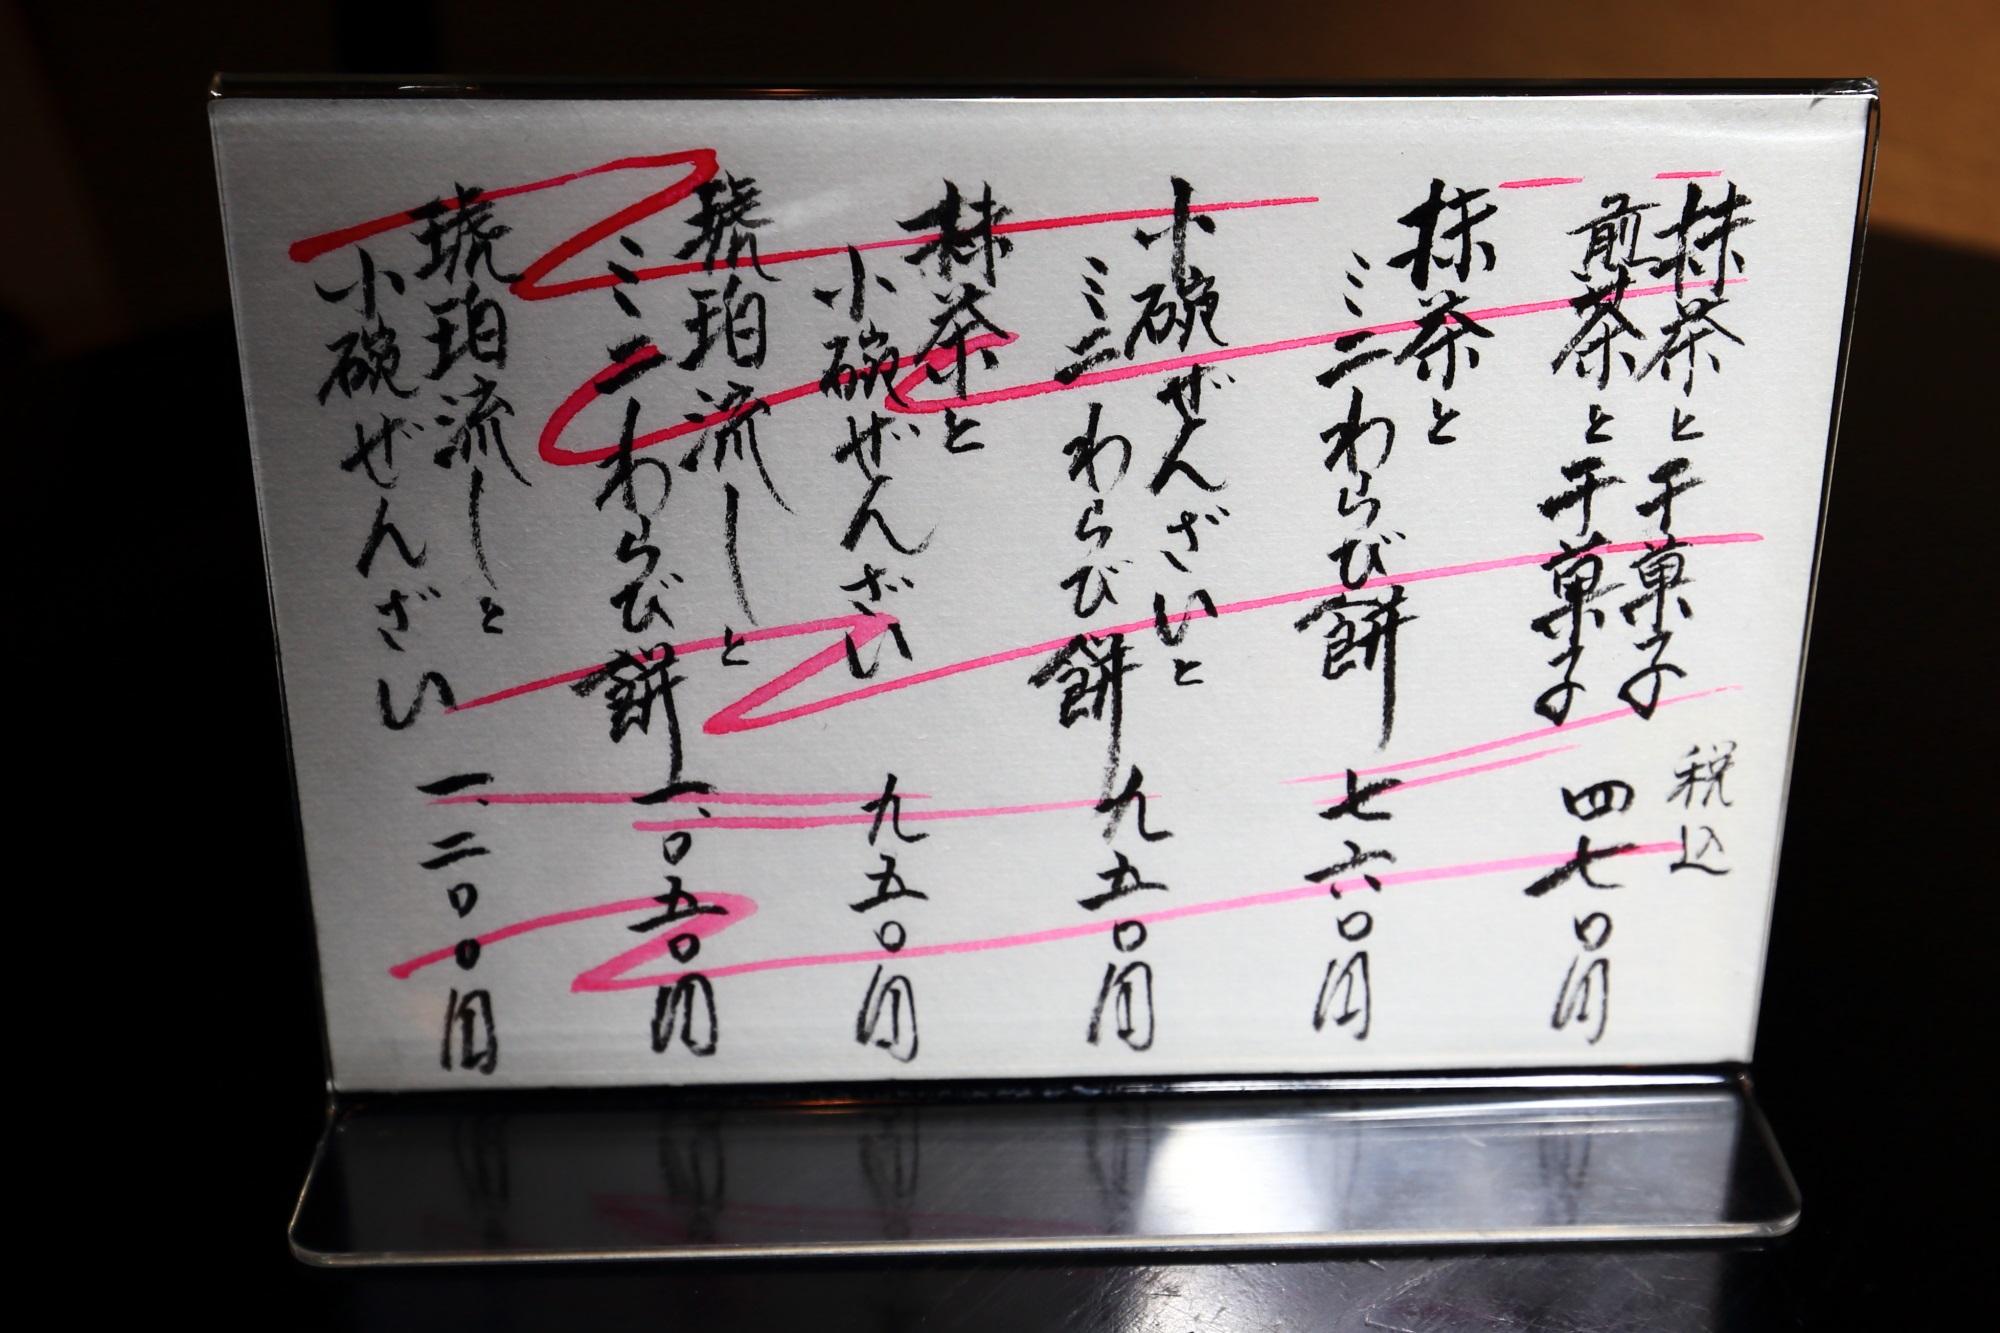 甘味処大極殿栖園(せいえん)のメニュー 2015年10月